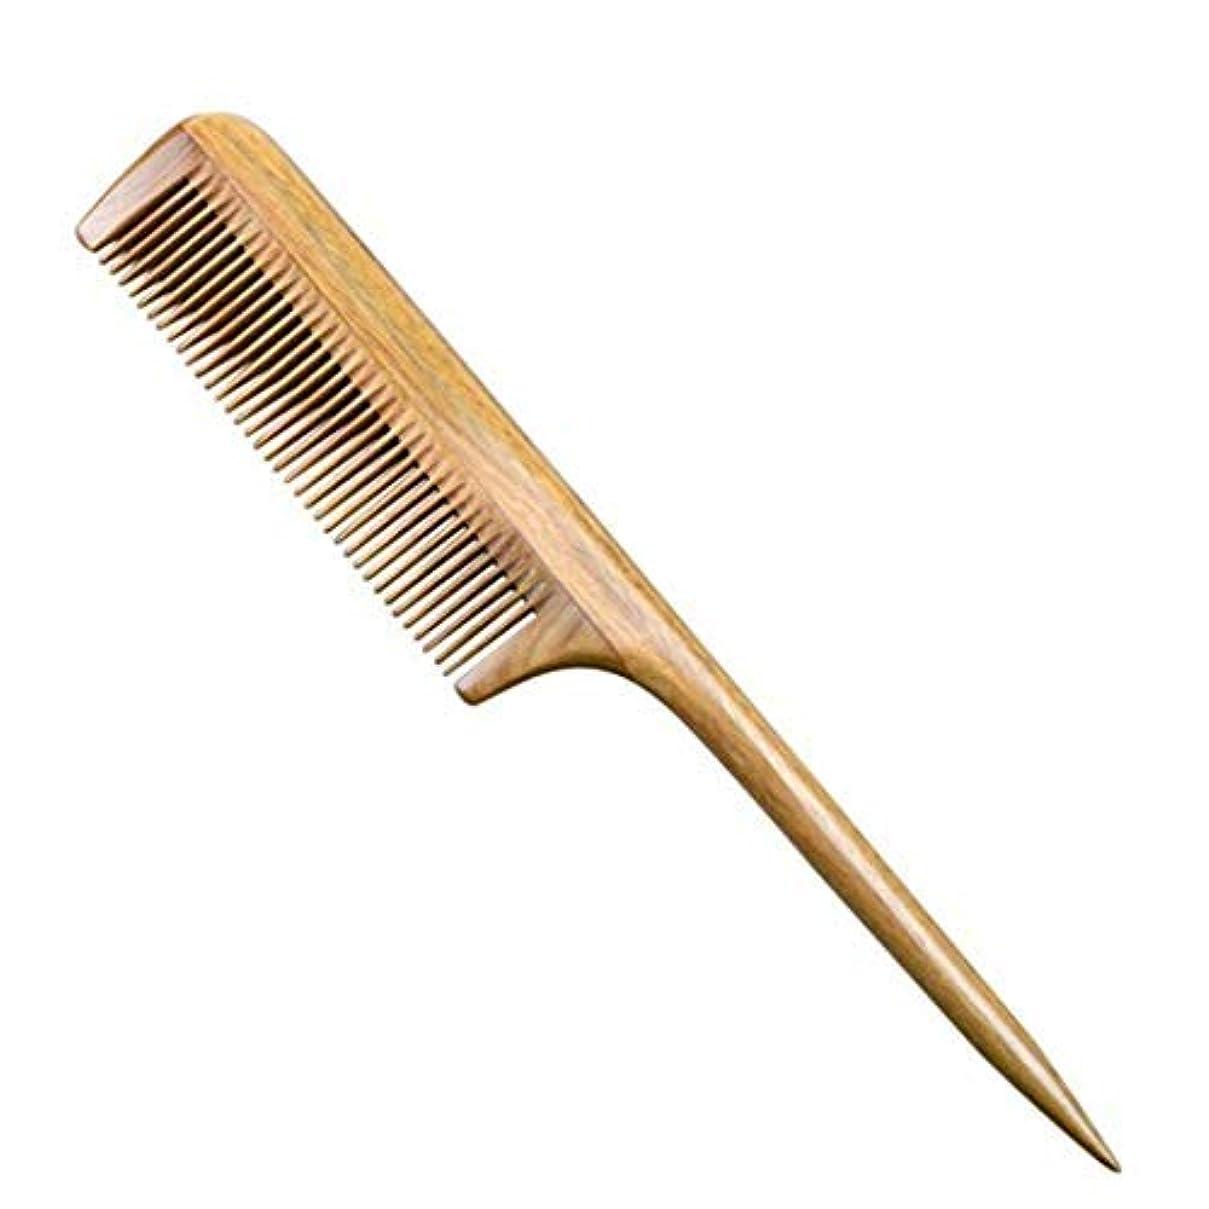 経歴クローンはいRat Tail Hair Comb - Fine Tooth Natural Green Sandalwood Combs with Teasing Tail Handle - No Static Wooden Comb...